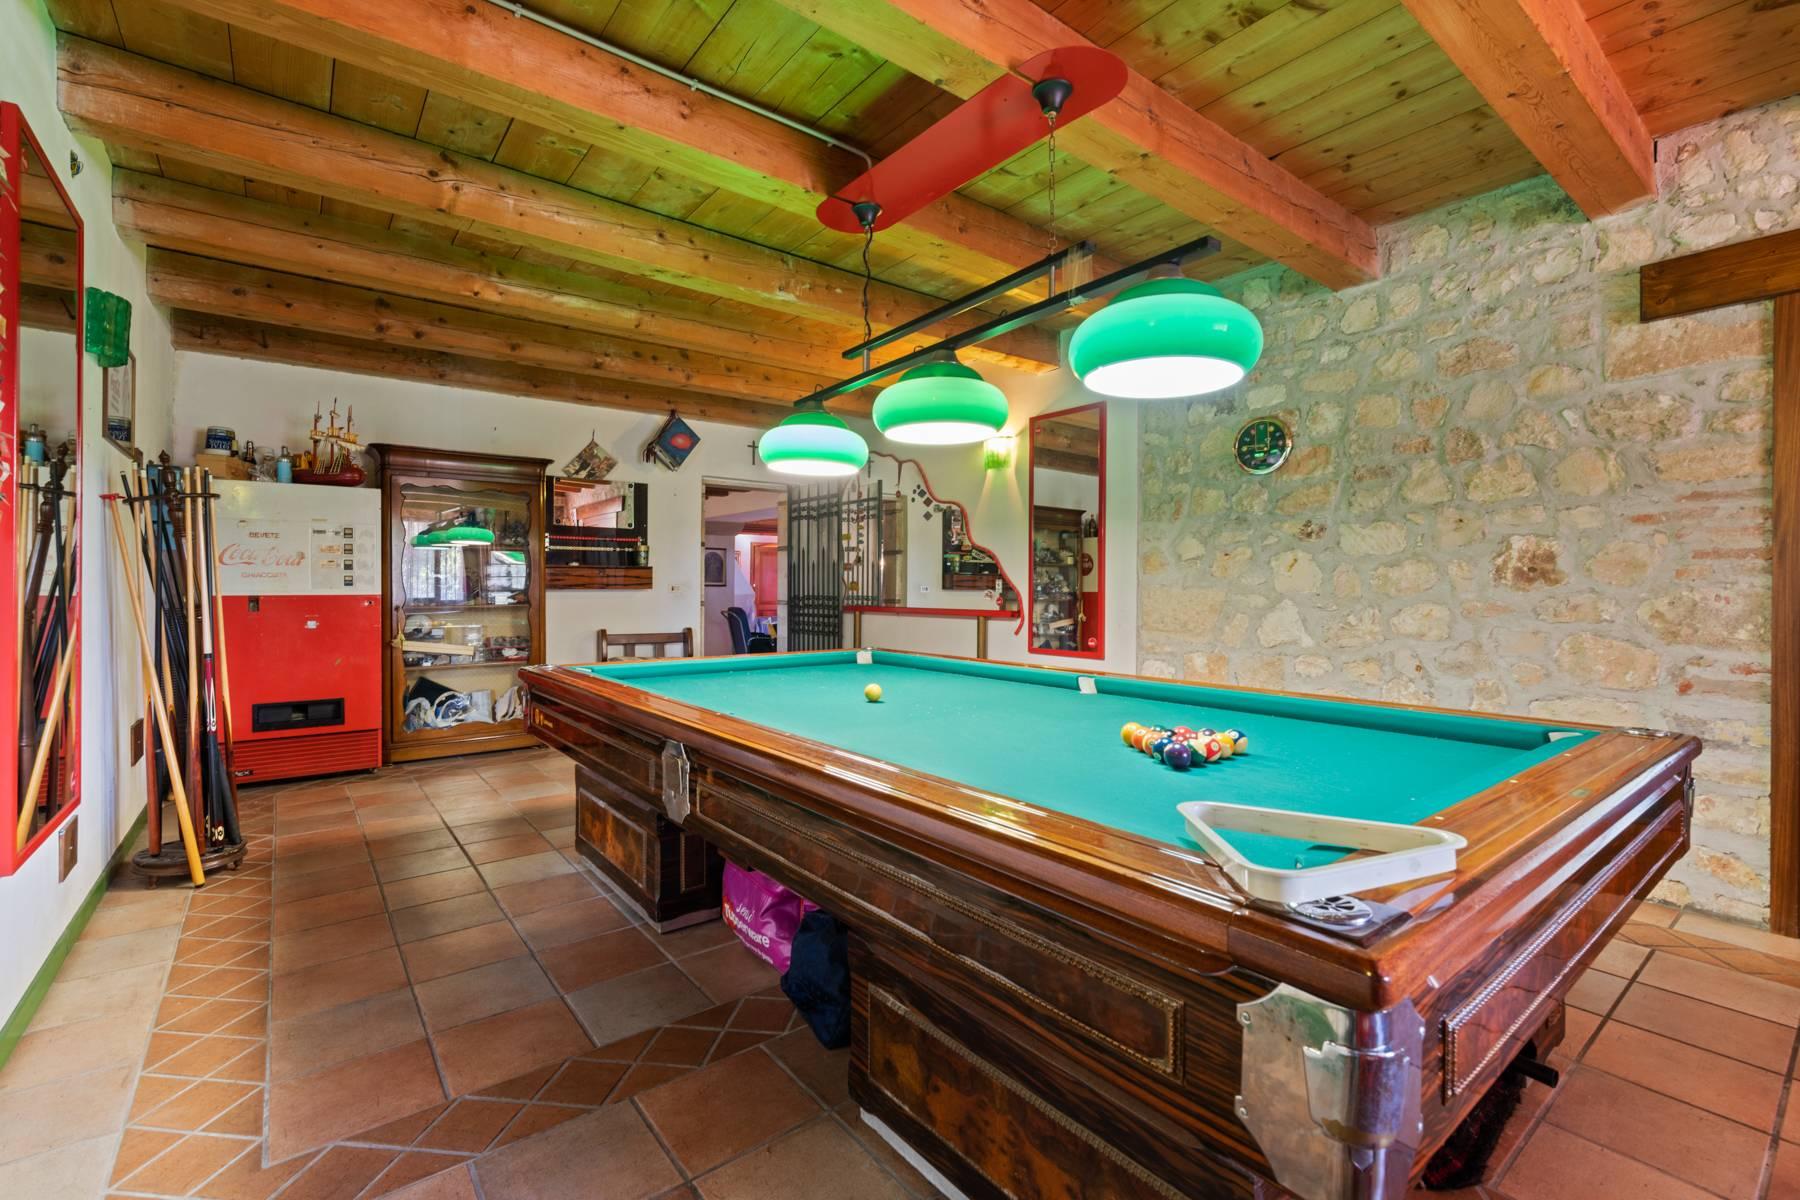 Storica villa di campagna con piscina e campo da tennis con tenuta nelle colline veronesi - 13